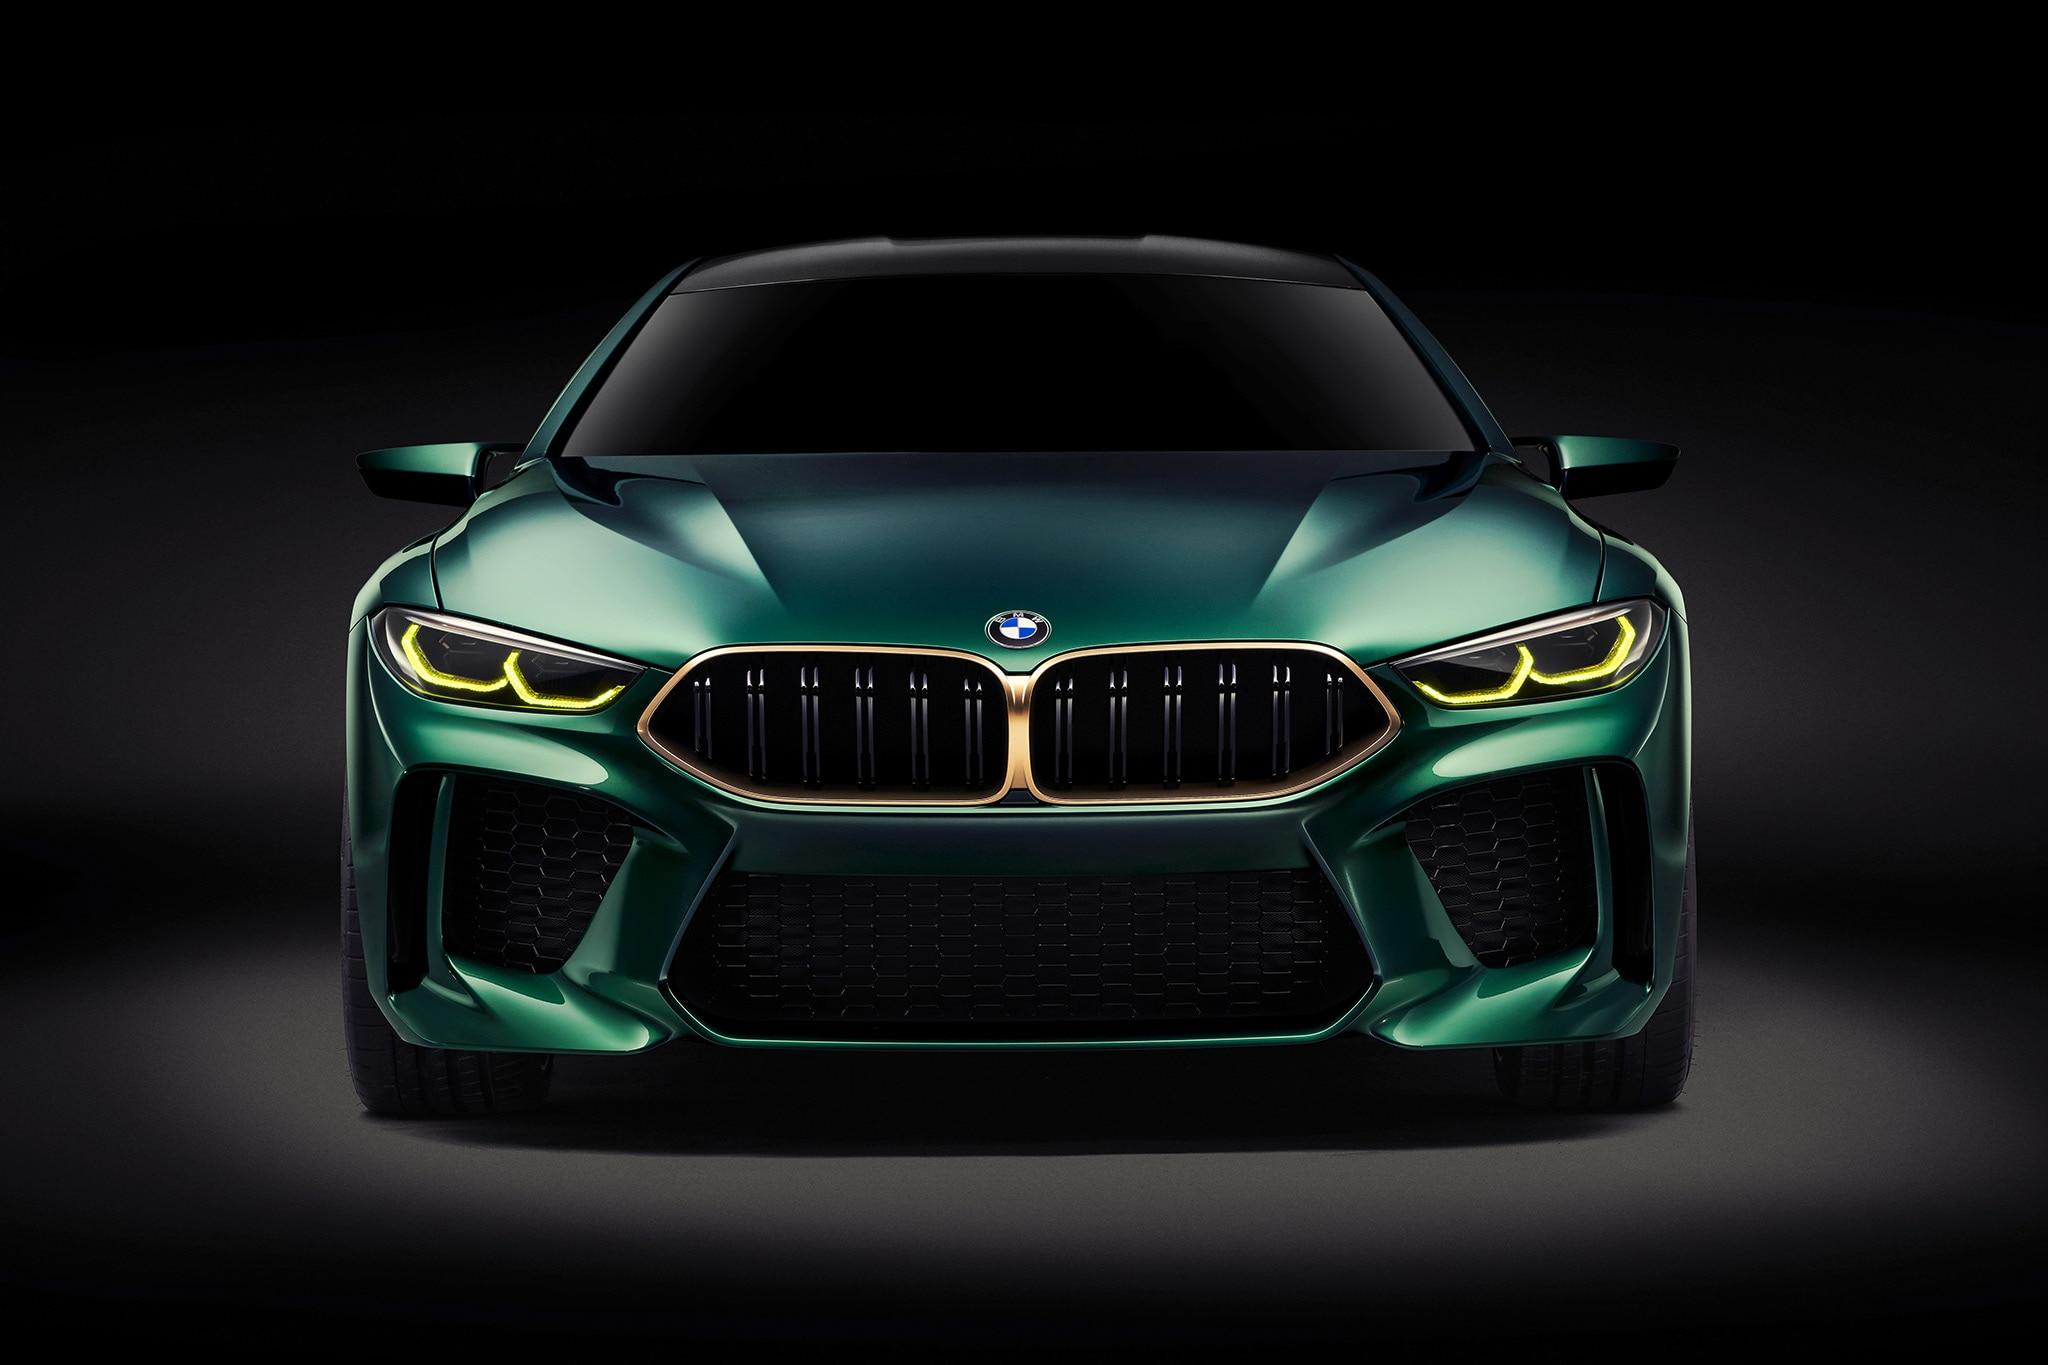 Four Door Bmw Concept M8 Gran Coupe Concept Unveiled In Geneva